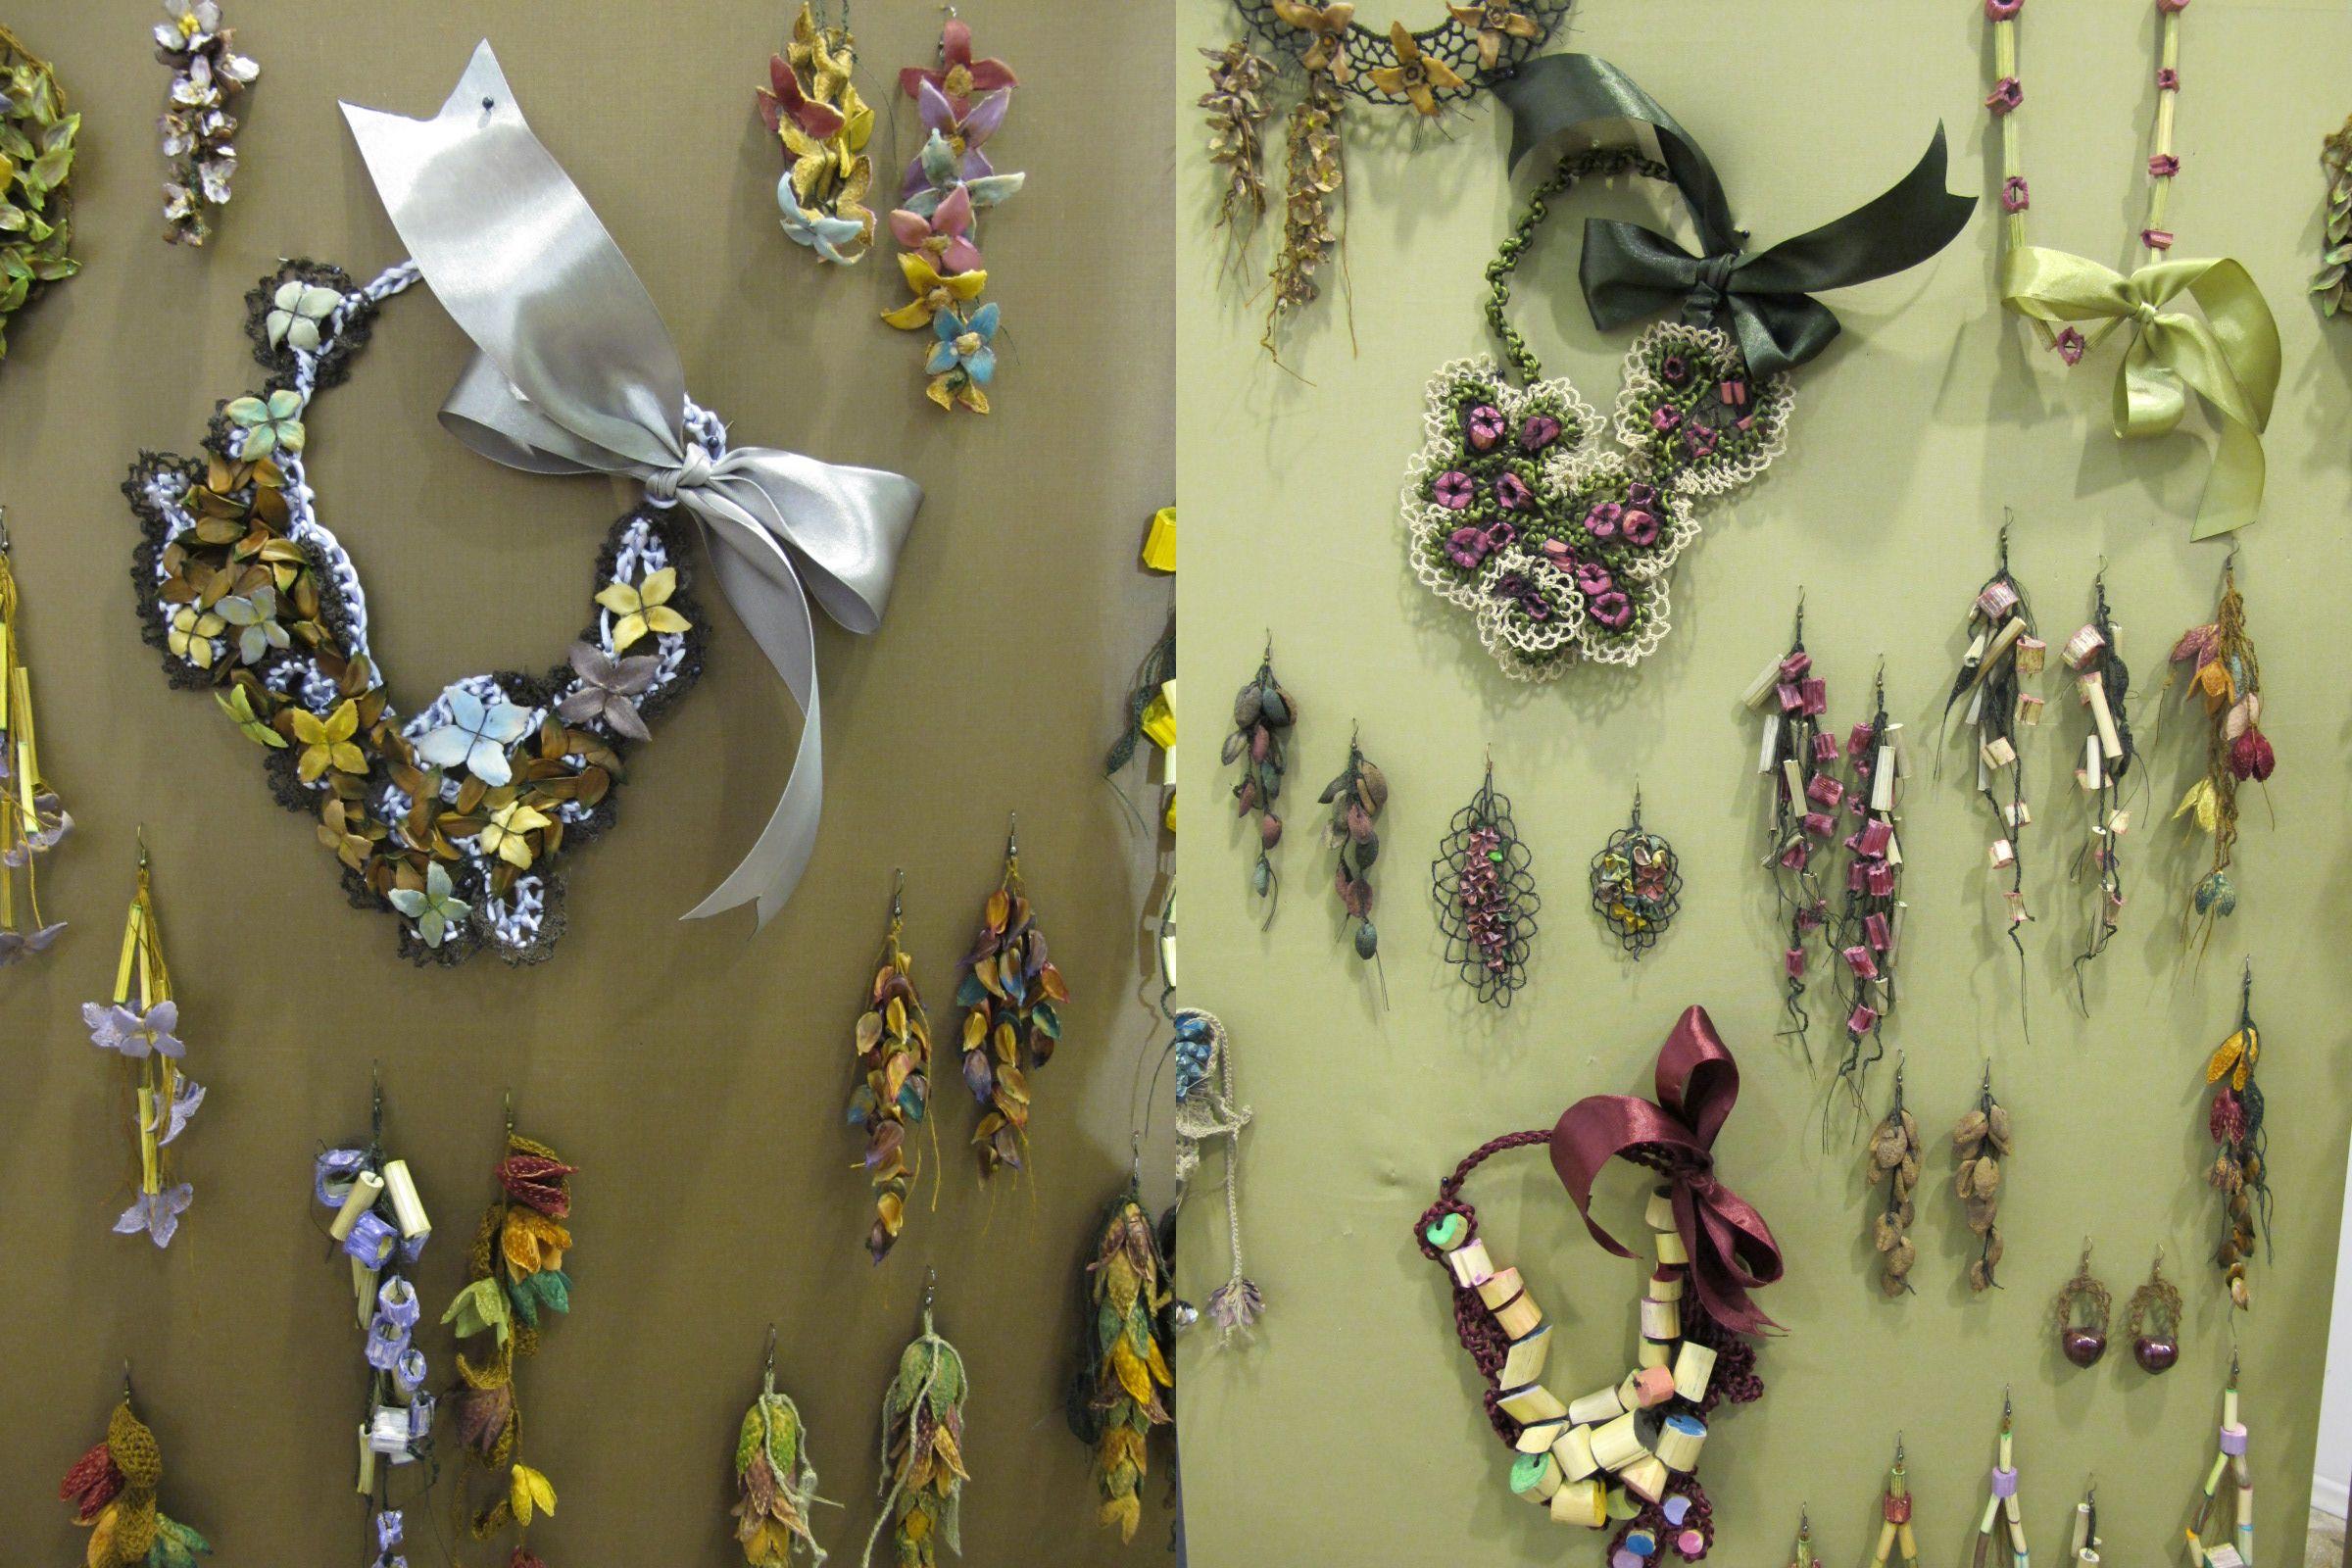 Ina Moisi s-a apucat de a manufactura bijuterii din plante uscate asa, dintr-o joaca, impreuna cu mama ei. Culorile sunt atragatoare, iar bijuteriile romantice.